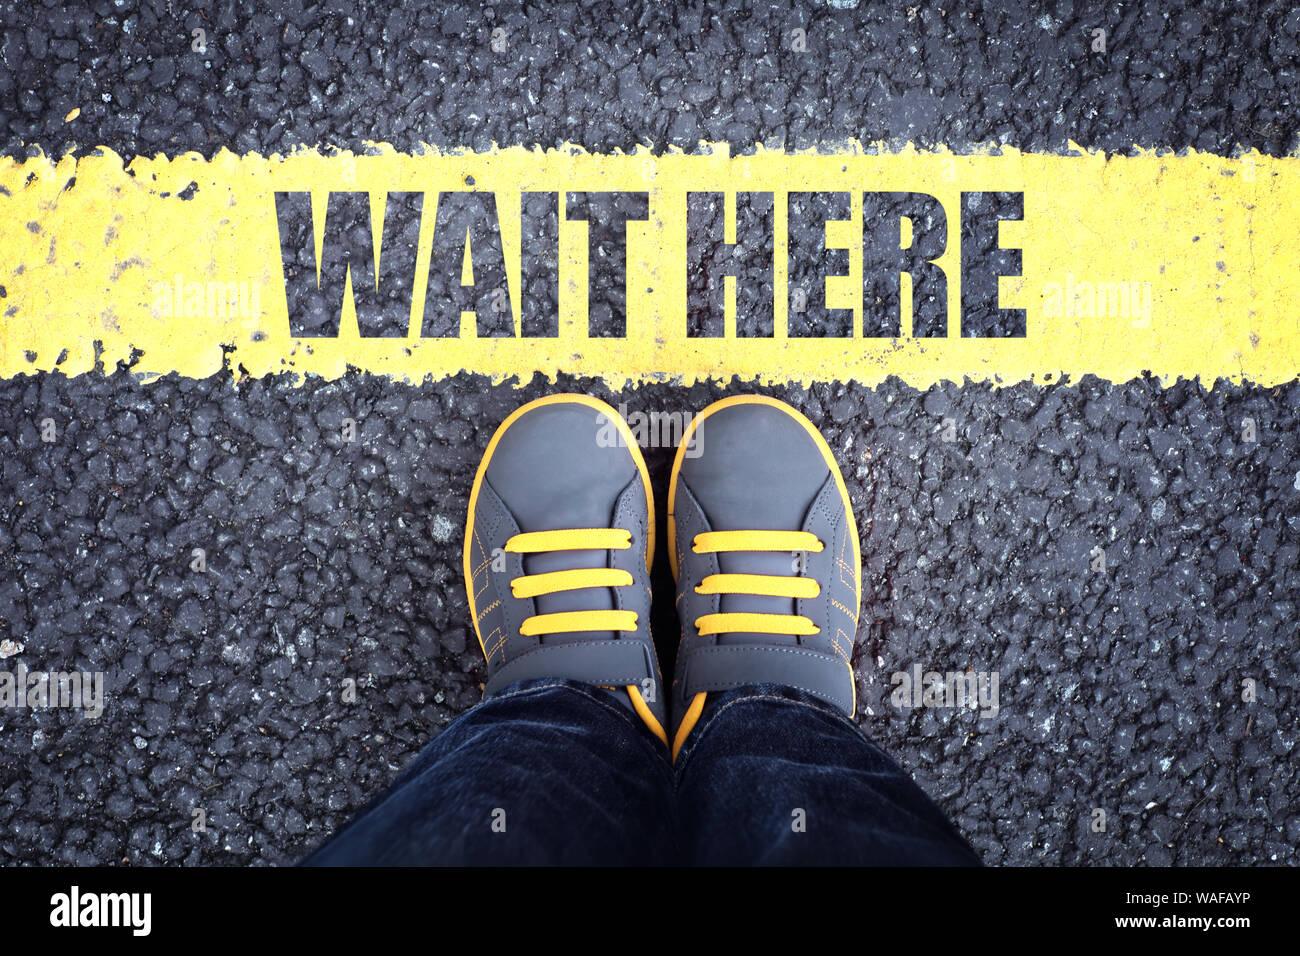 Attendre ici pieds derrière la file d'attente jaune Banque D'Images